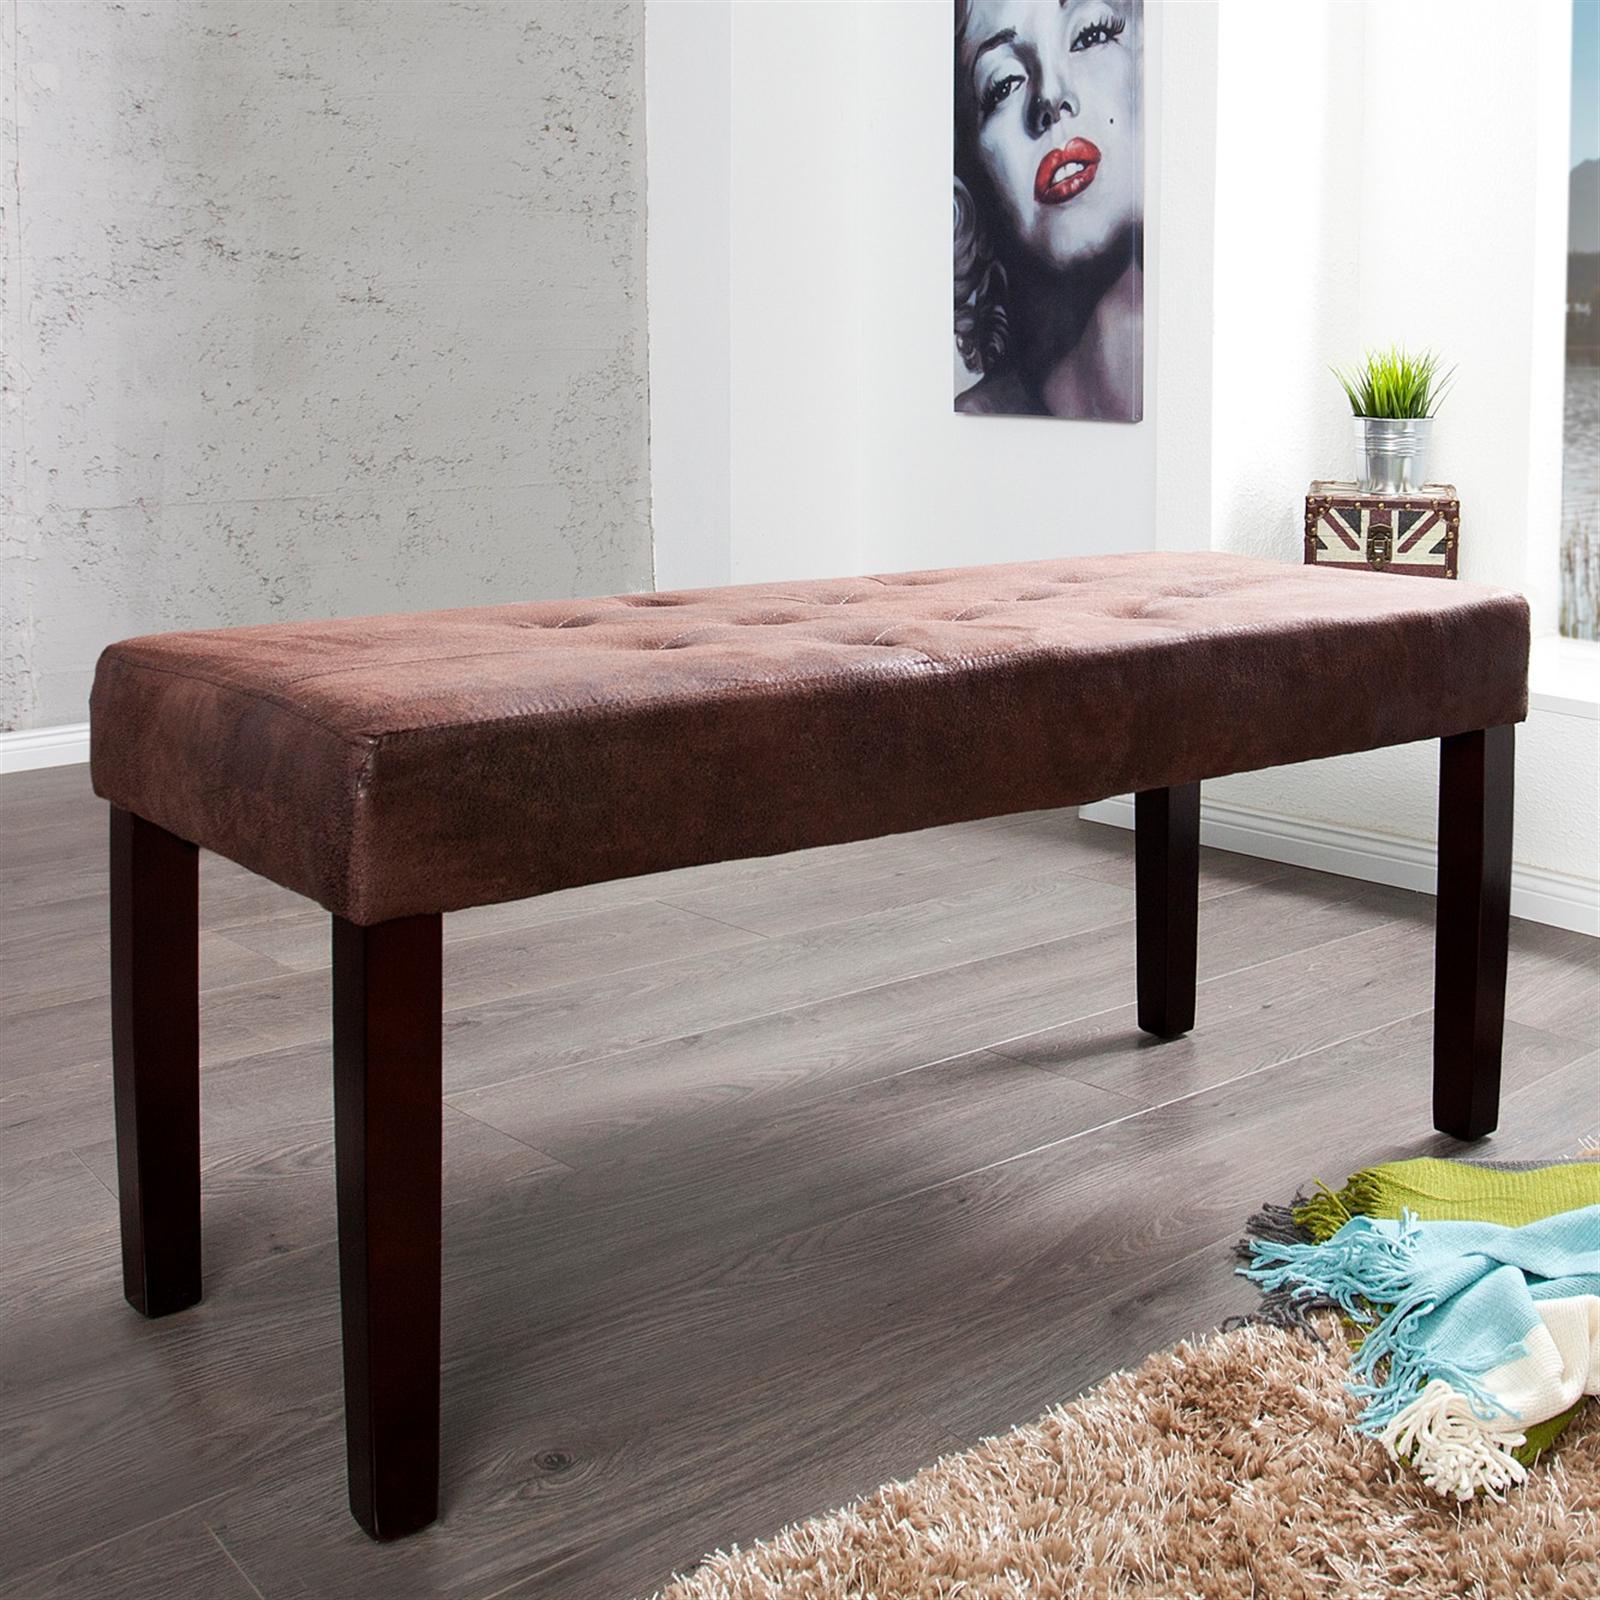 elegante sitzbank william holz 90 cm antik braun holzbank eur 59 95 picclick fr. Black Bedroom Furniture Sets. Home Design Ideas